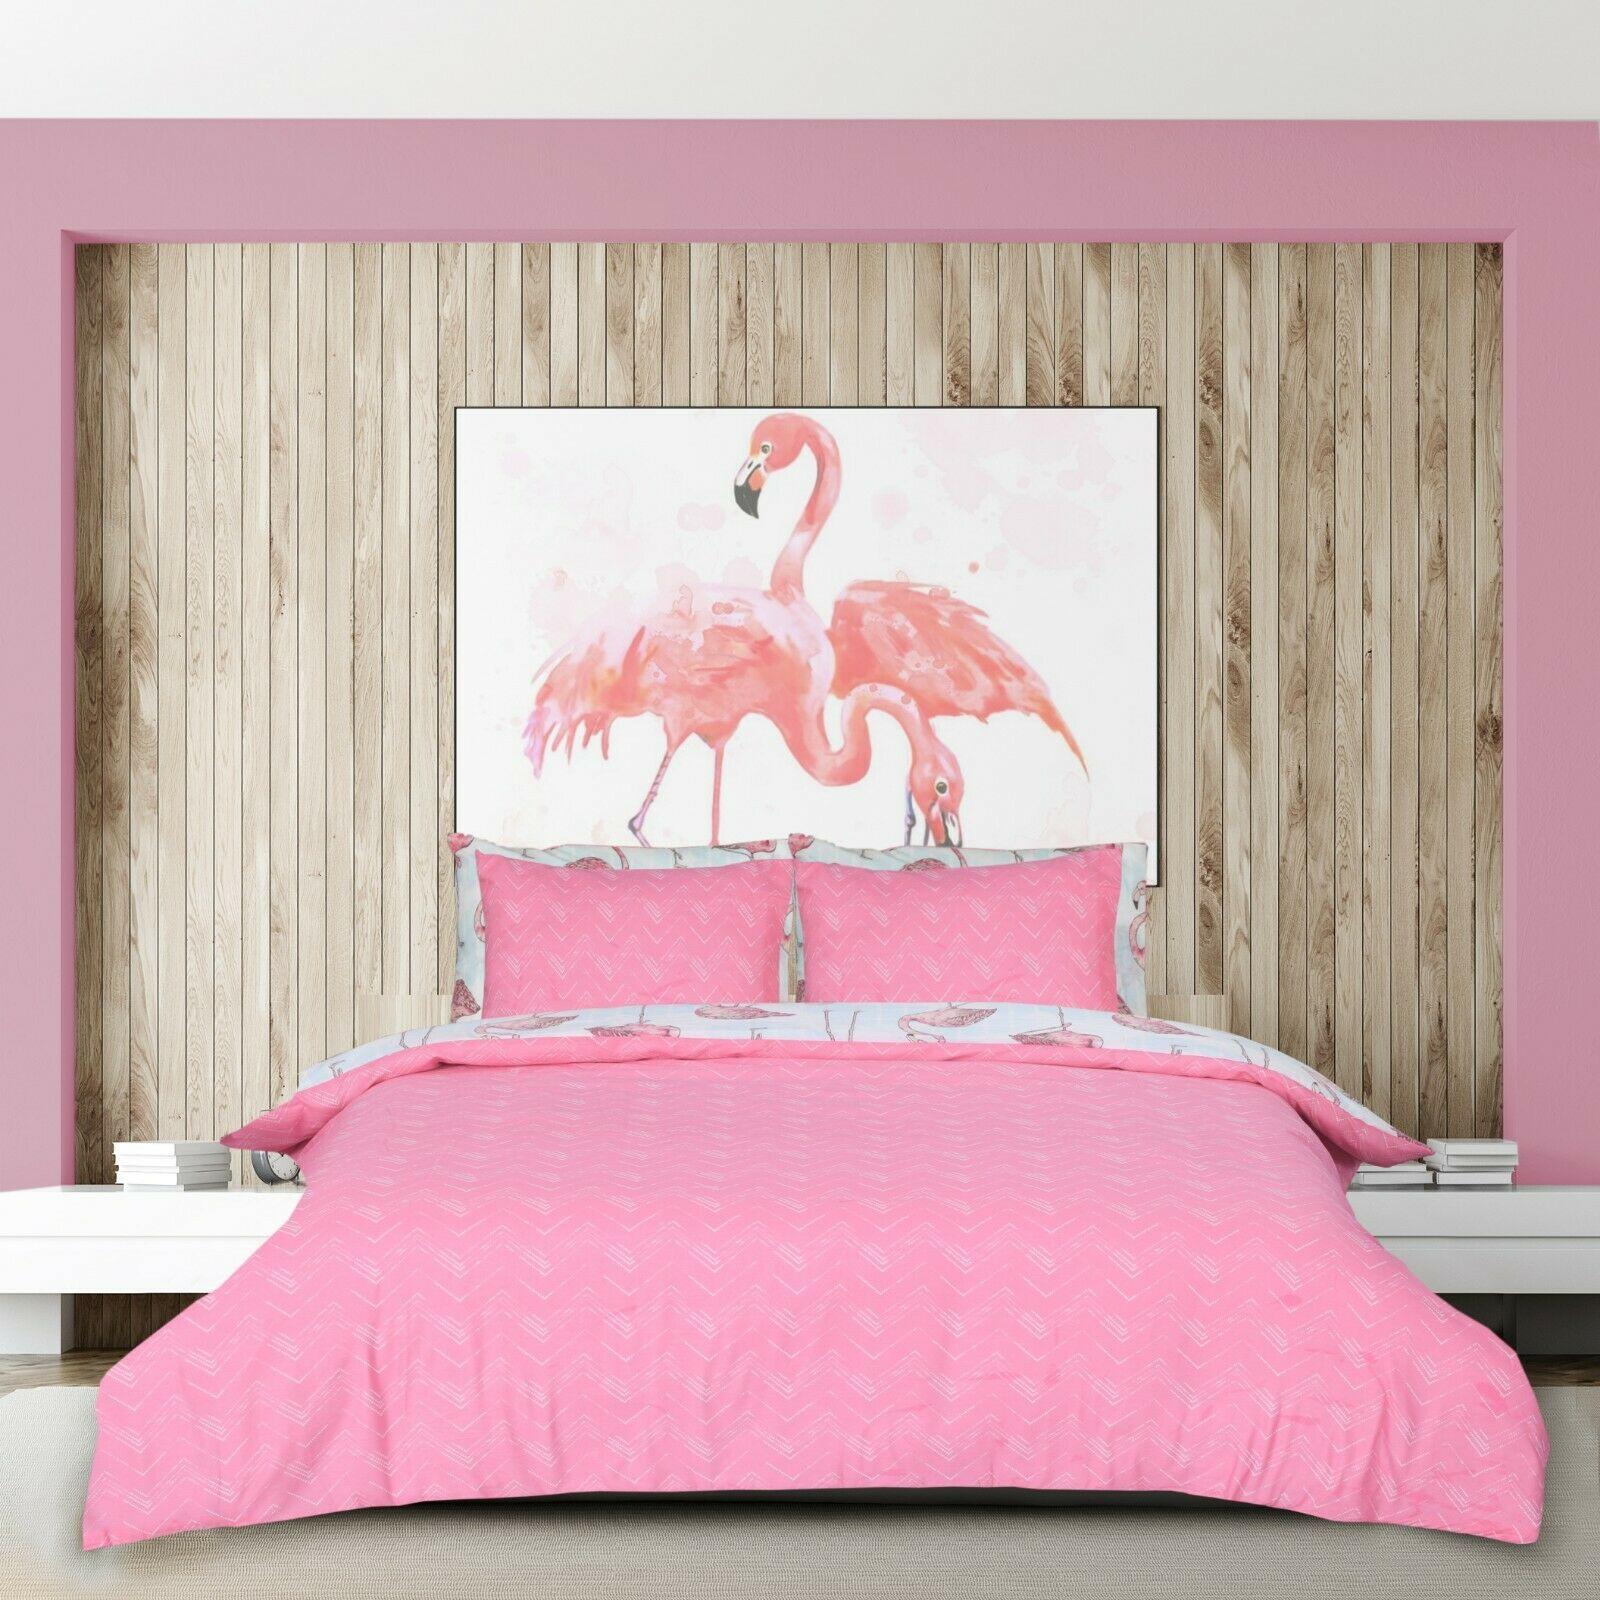 Pink flamingo cotton blend quilt duvet cover bedding set single double king size